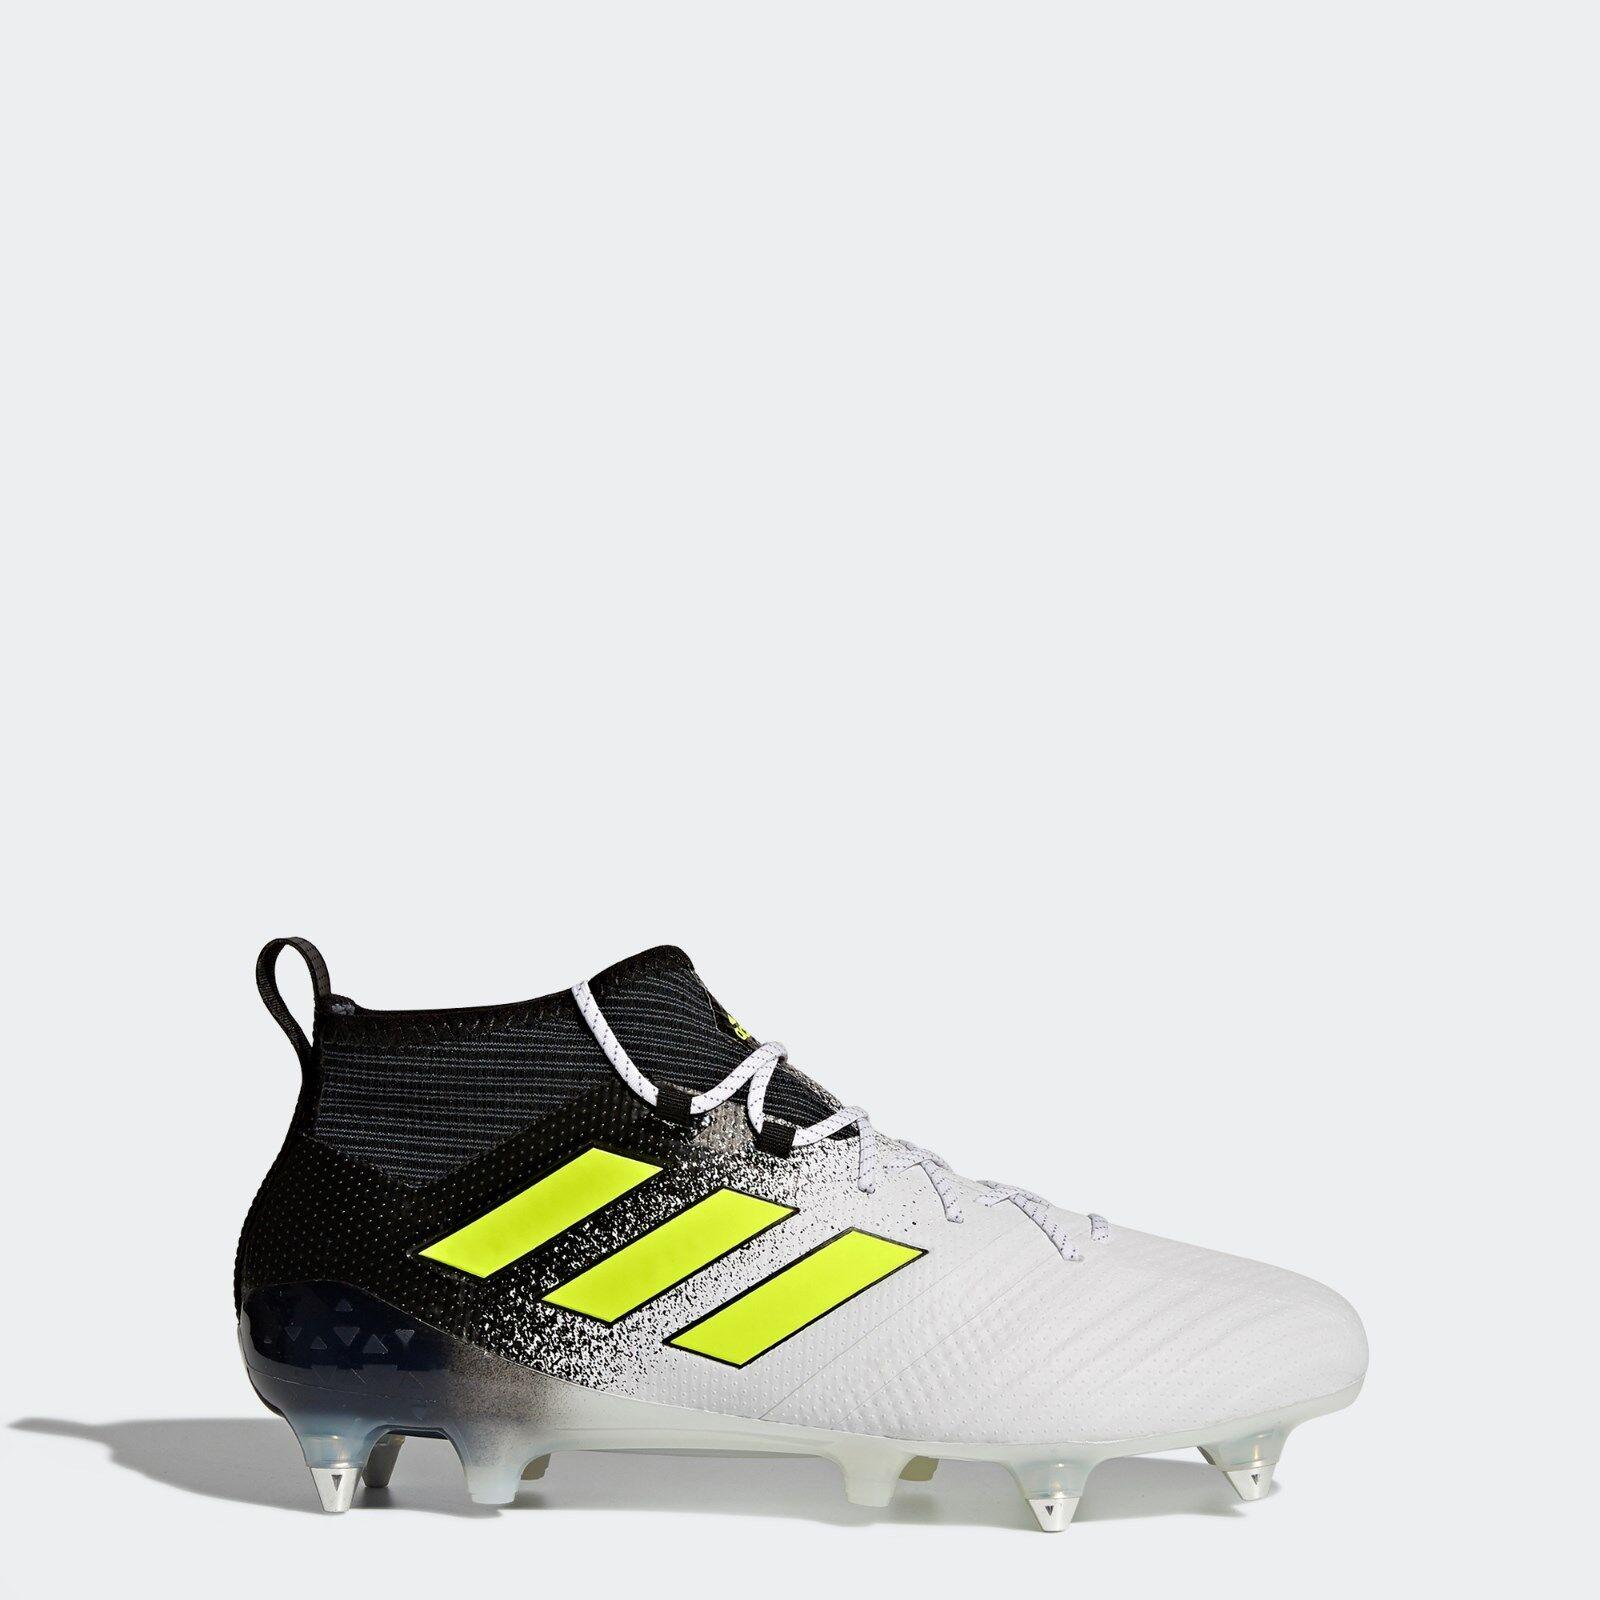 Adidas ACE 17.1 SG Primeknit Calcetín Fútbol botas Para Hombres blancoo S77049